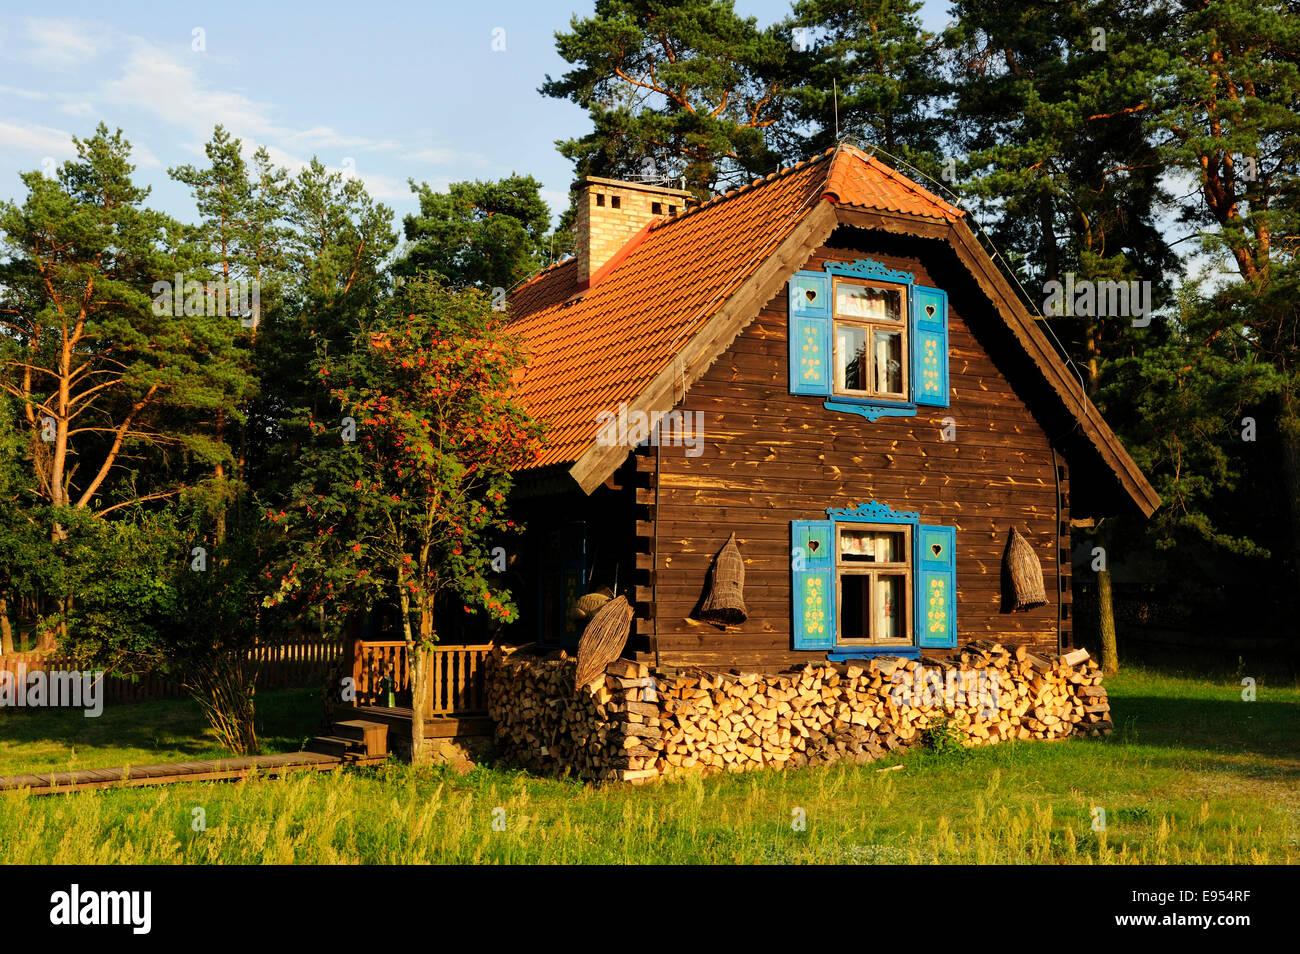 Farm, Tykocin, Podlaskie Voivodeship, Poland - Stock Image